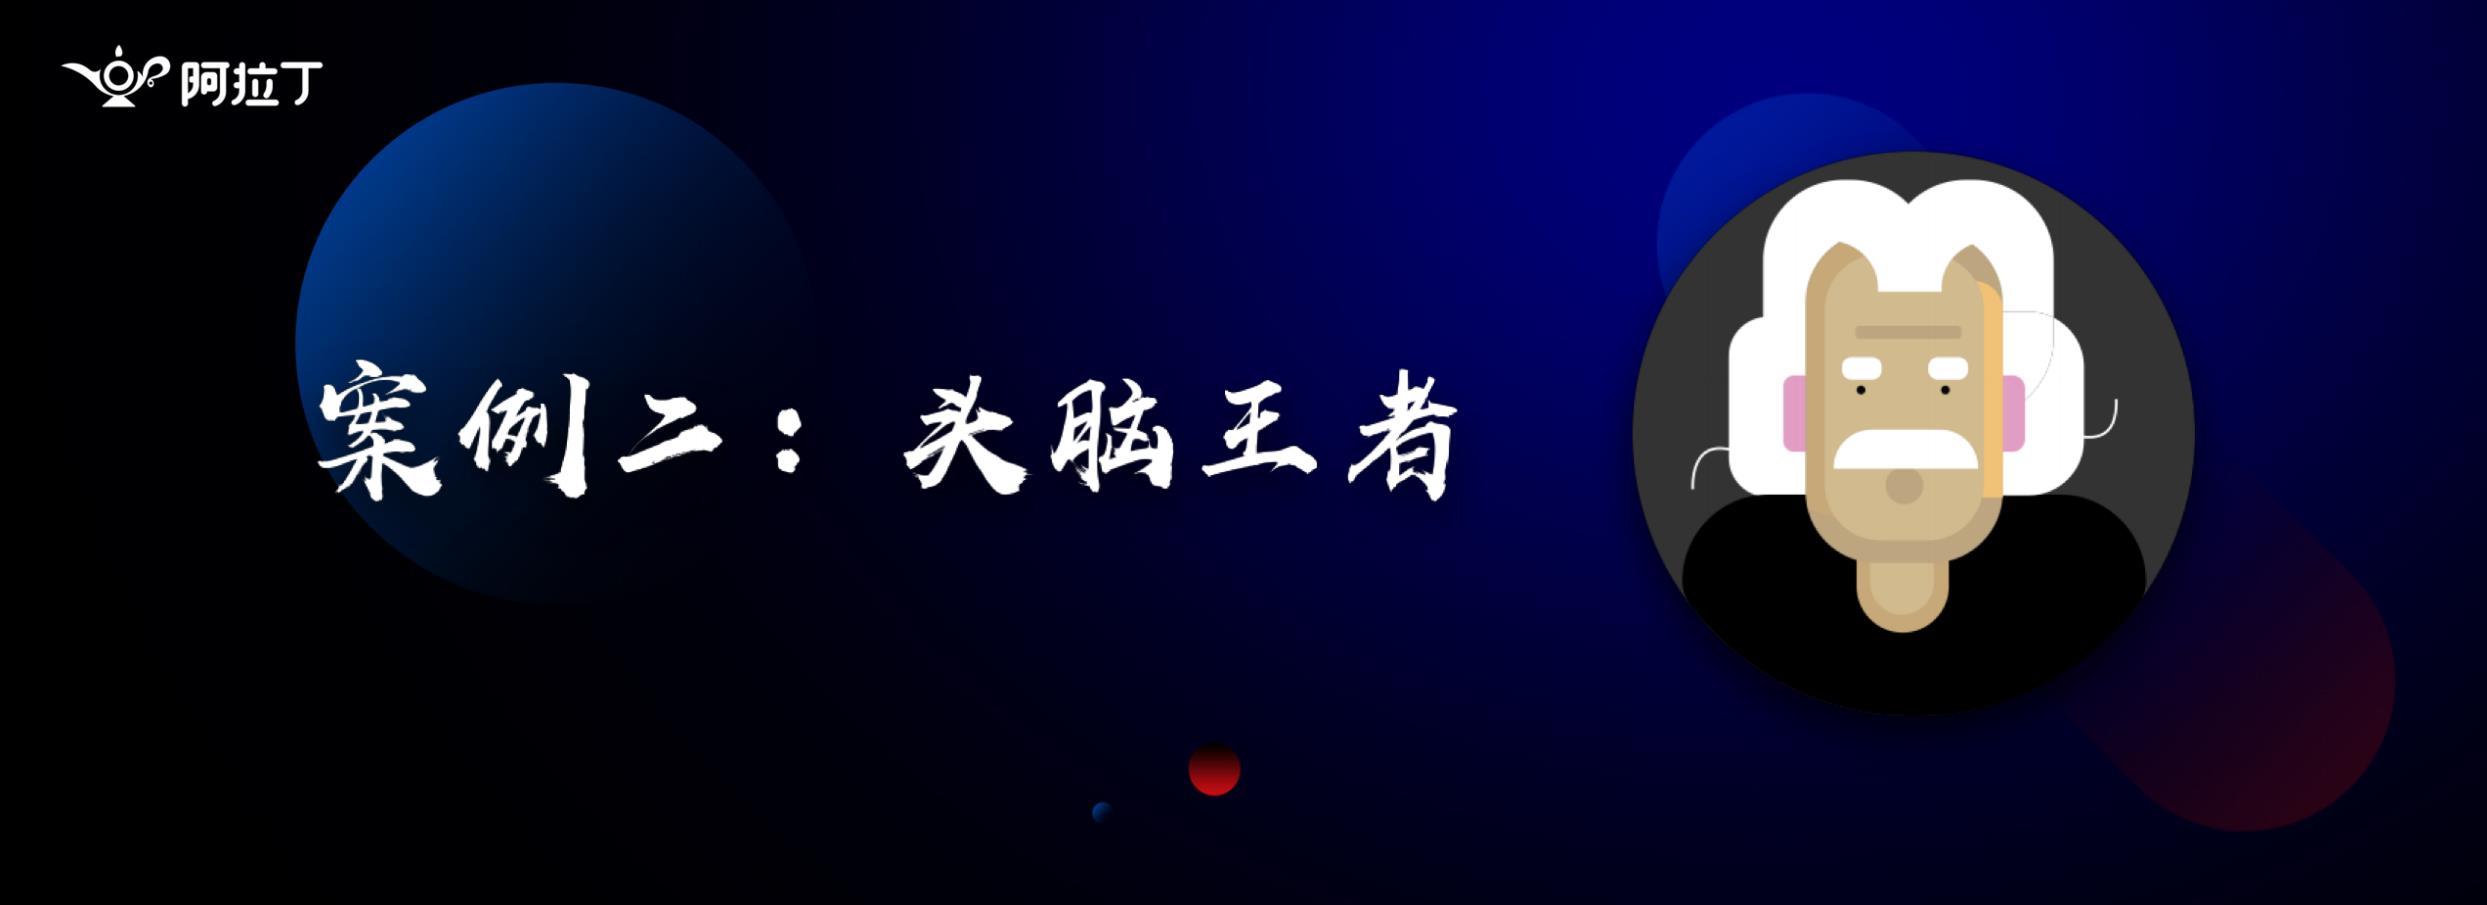 疯狂游戏CEO曹晓刚:打造爆款小游戏的核心方法论